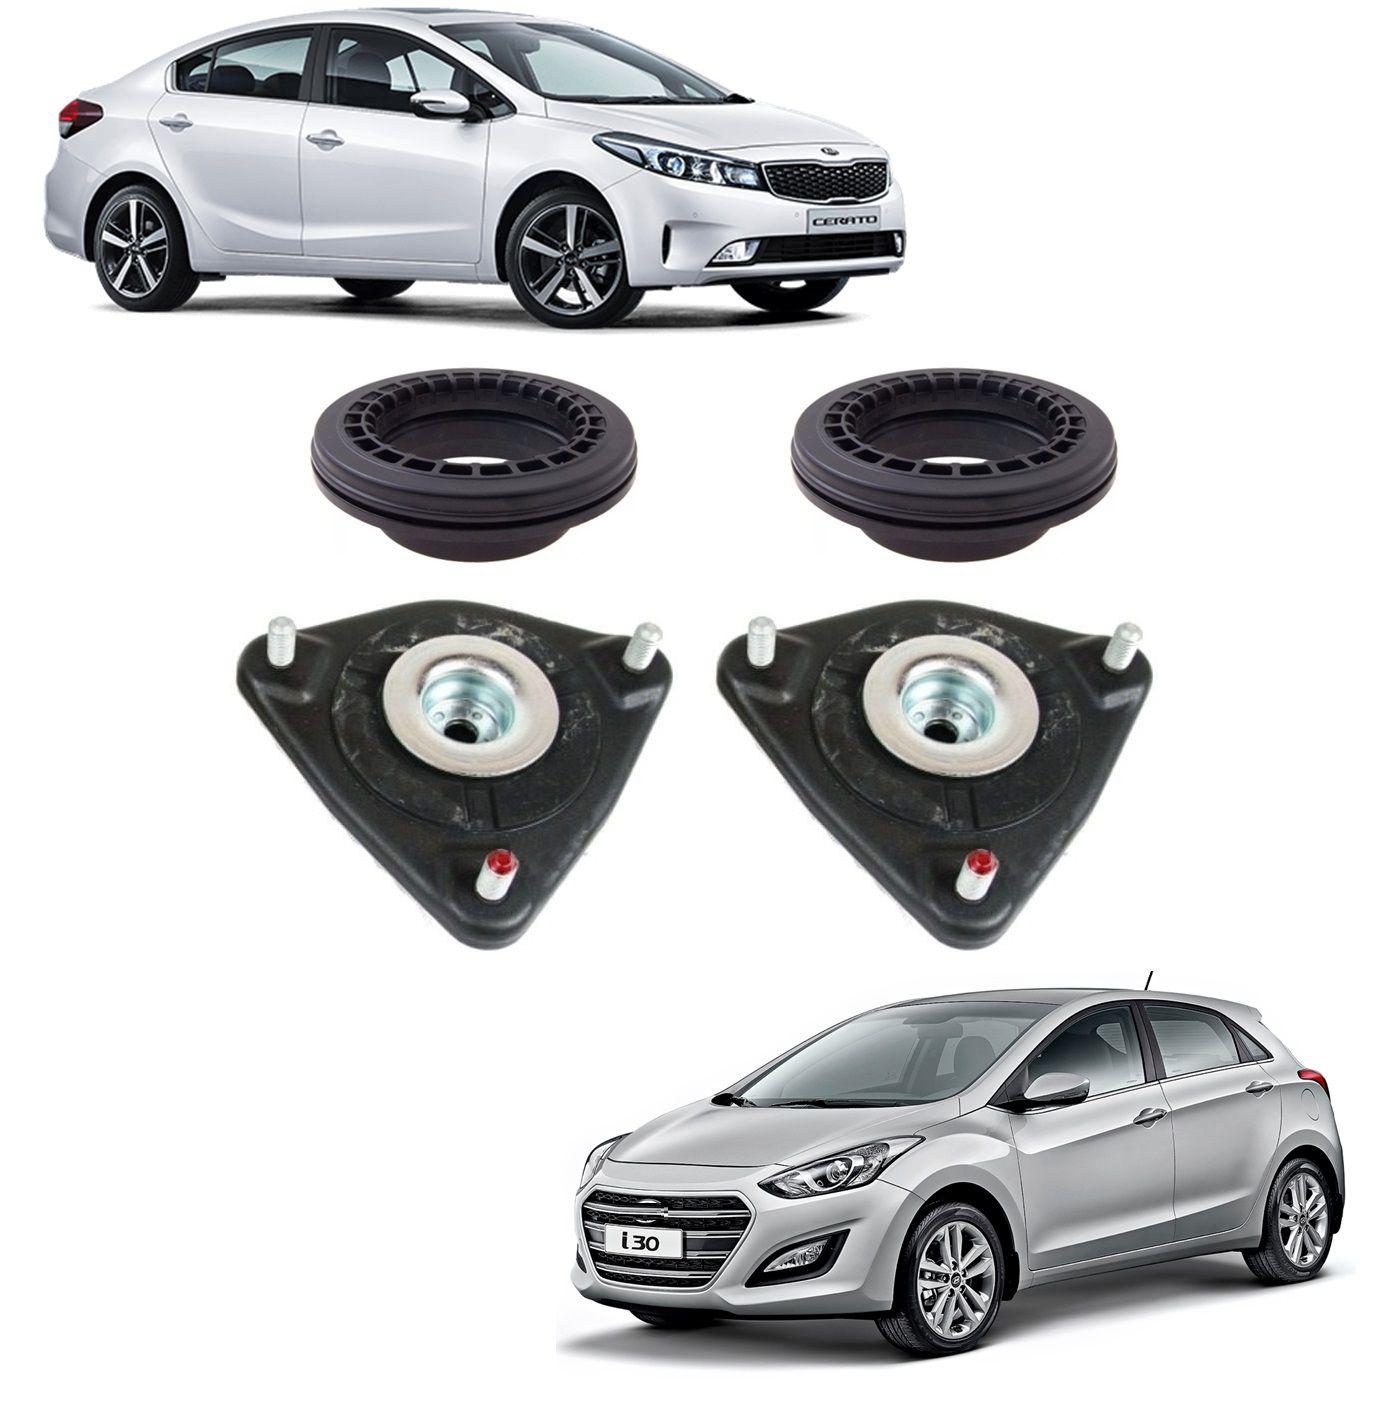 Kit Rolamento Coxim Amortecedor Dianteiro Hyundai I30 2015 2016 Kia Cerato 2015 2016